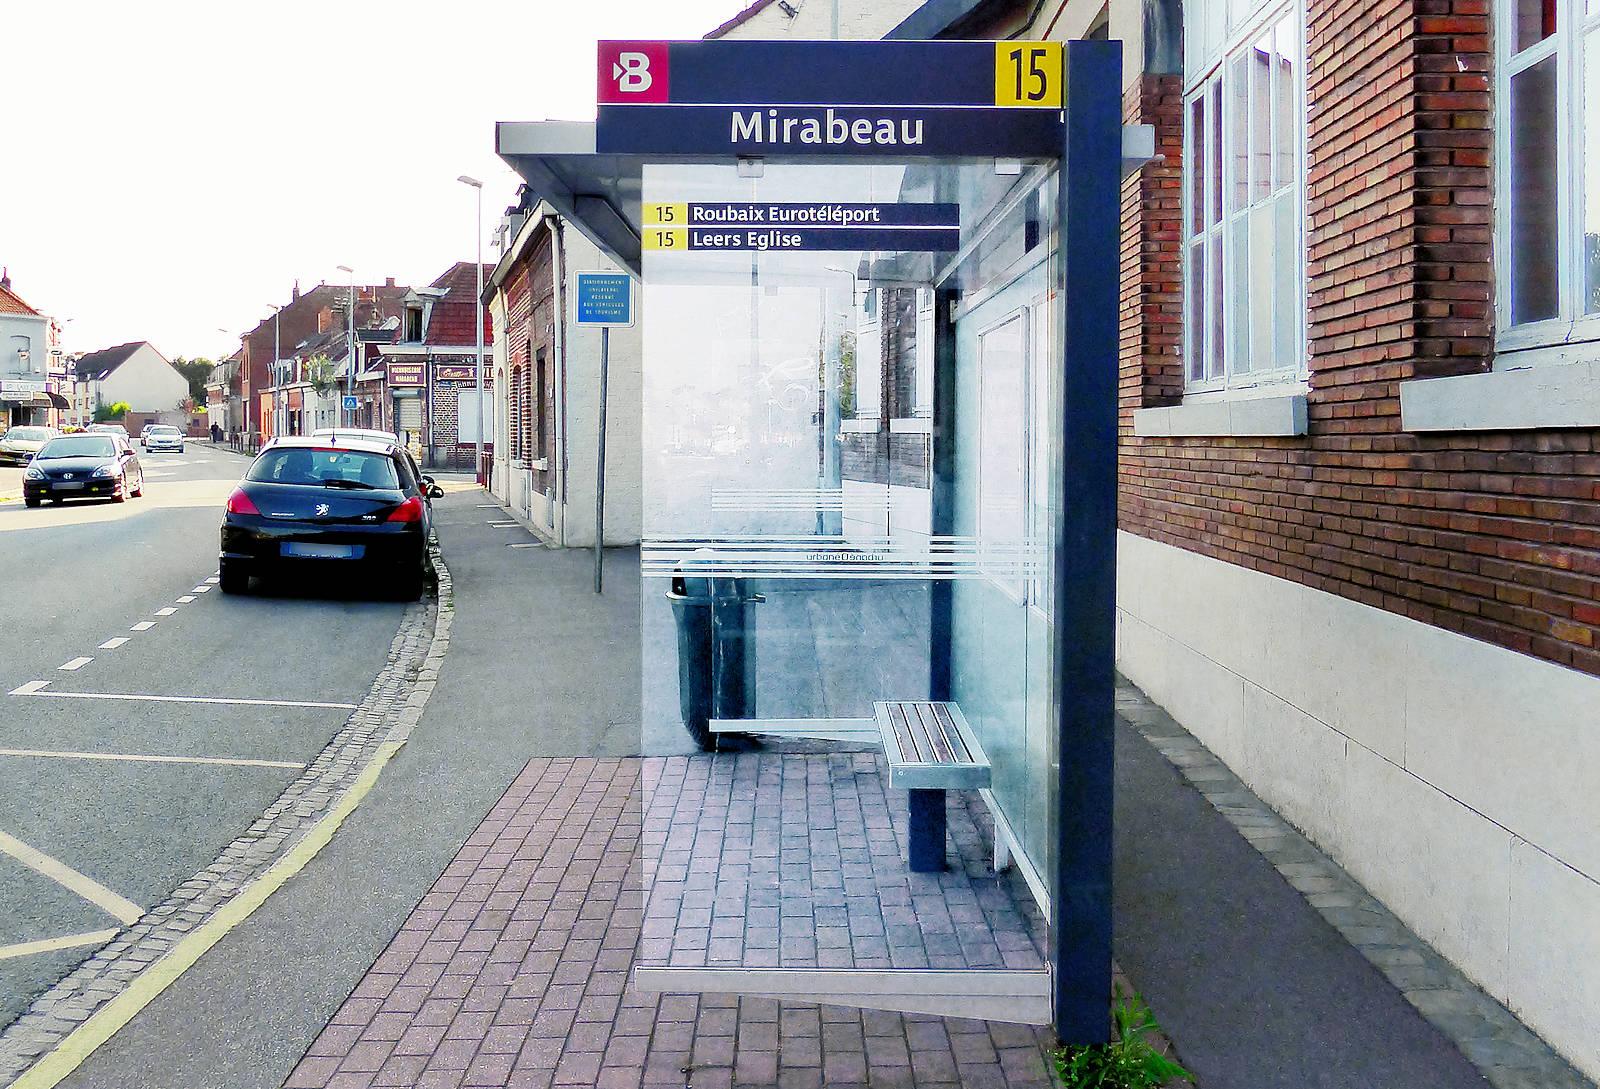 Tourcoing - Arrêt Bus Mirabeau, ligne 15.